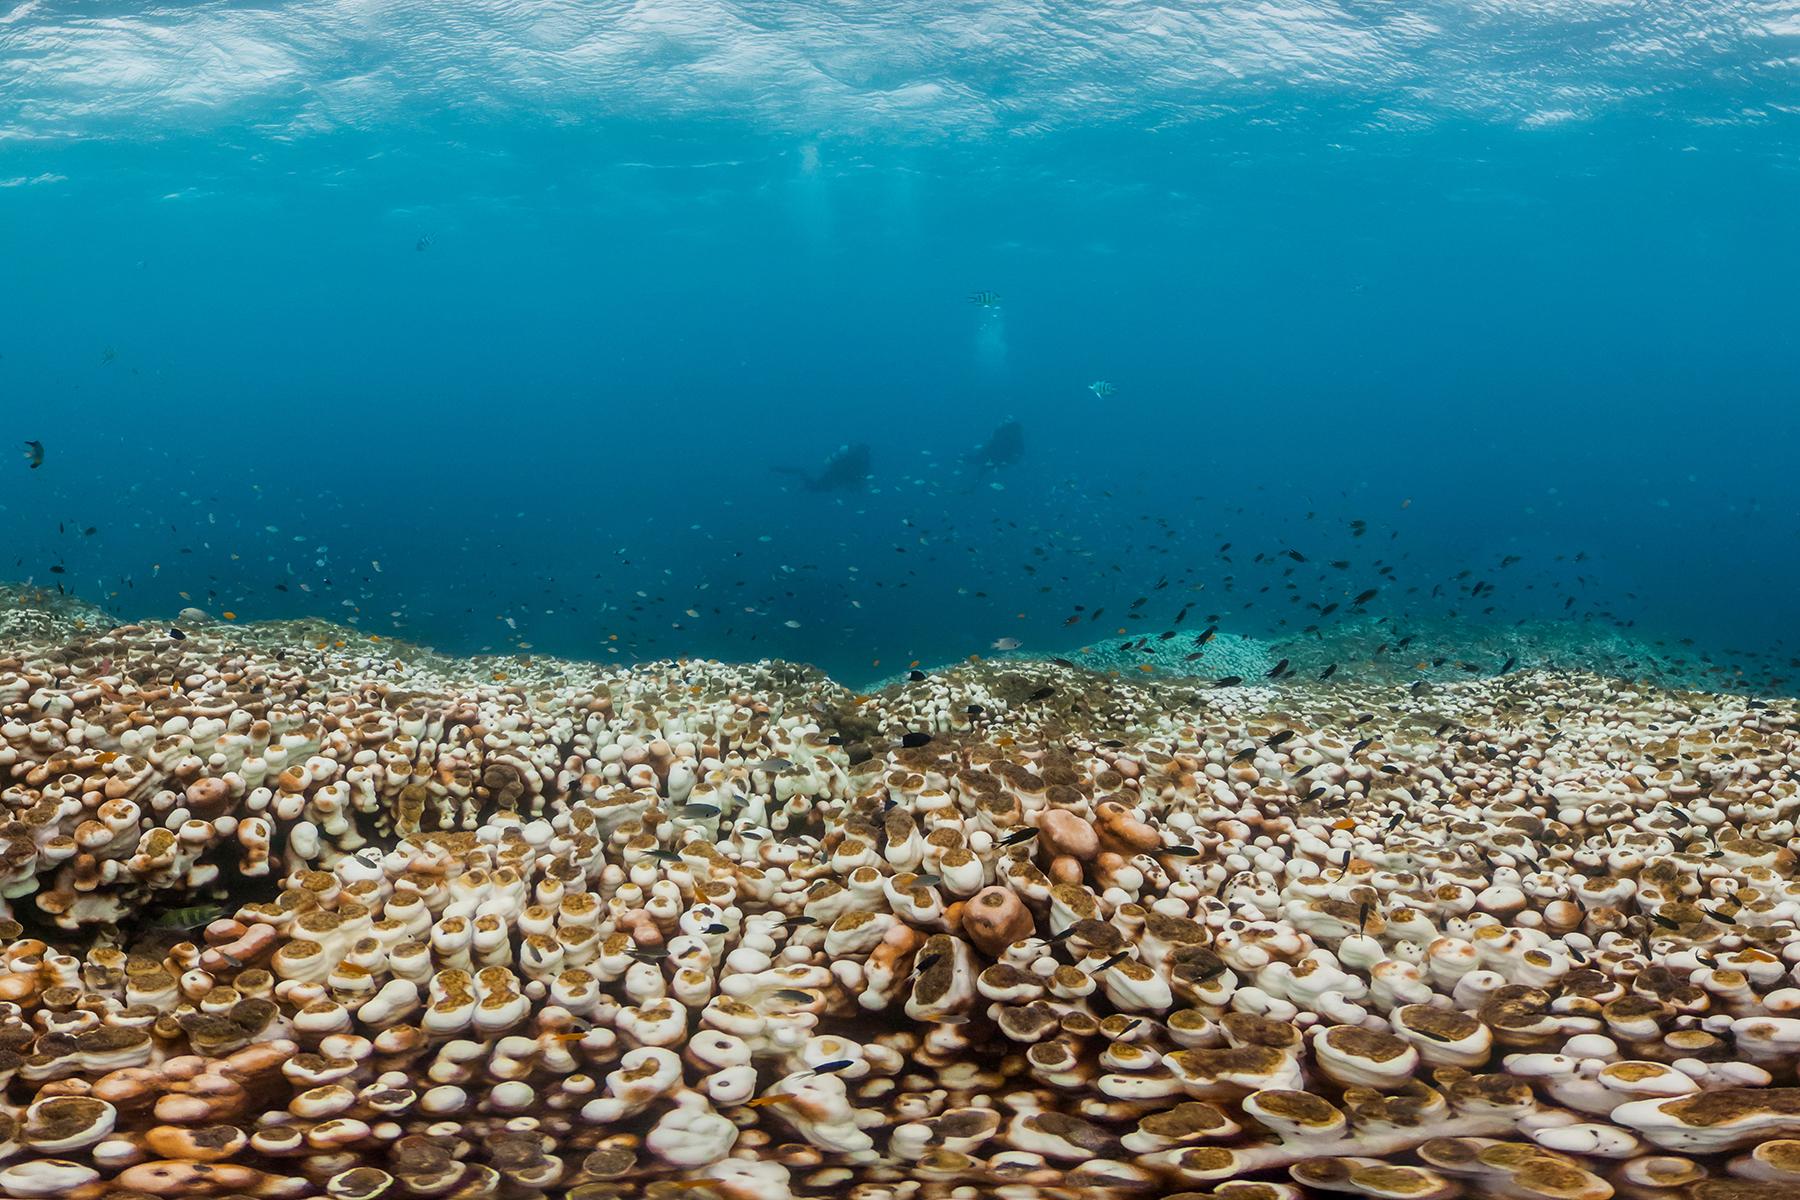 Nagura Bay, okinawa, JAPAN CREDIT: THE OCEAN AGENCY / CORAL REEF IMAGE BANK